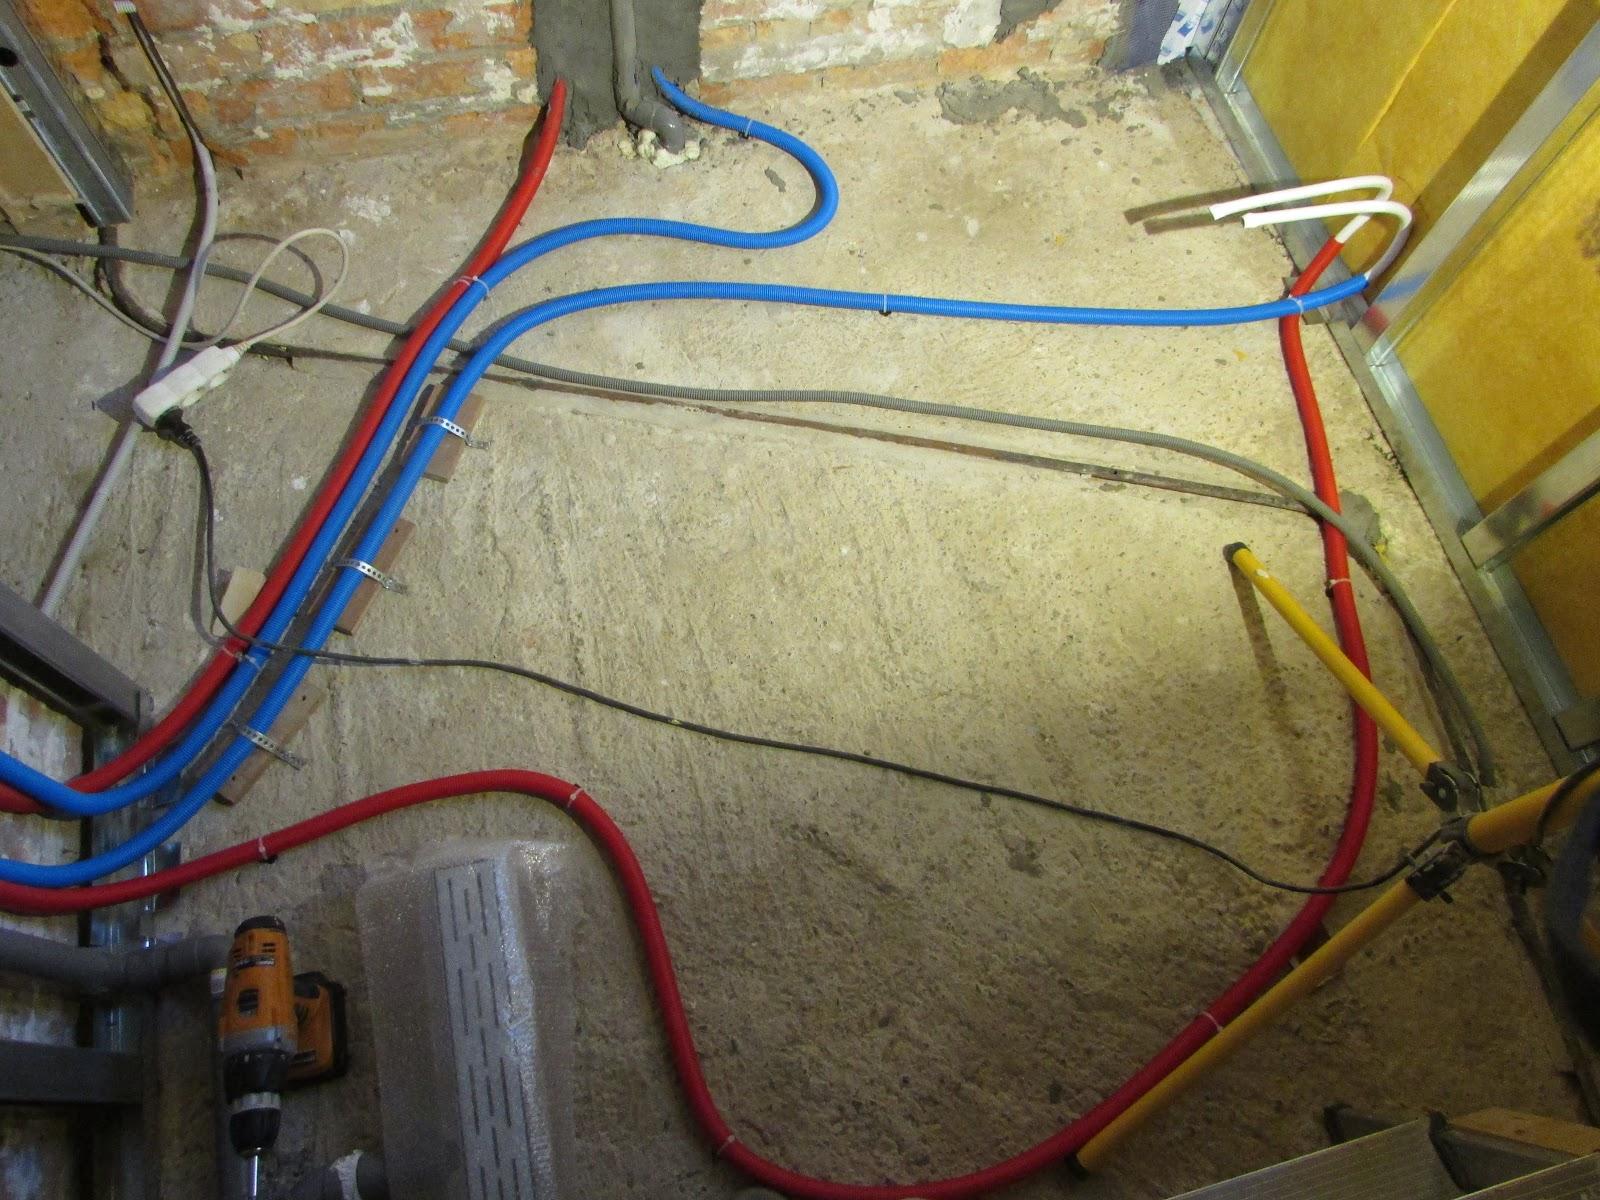 verbouwing van ons ouderlijk huis: verwarmingsleidingen en ...